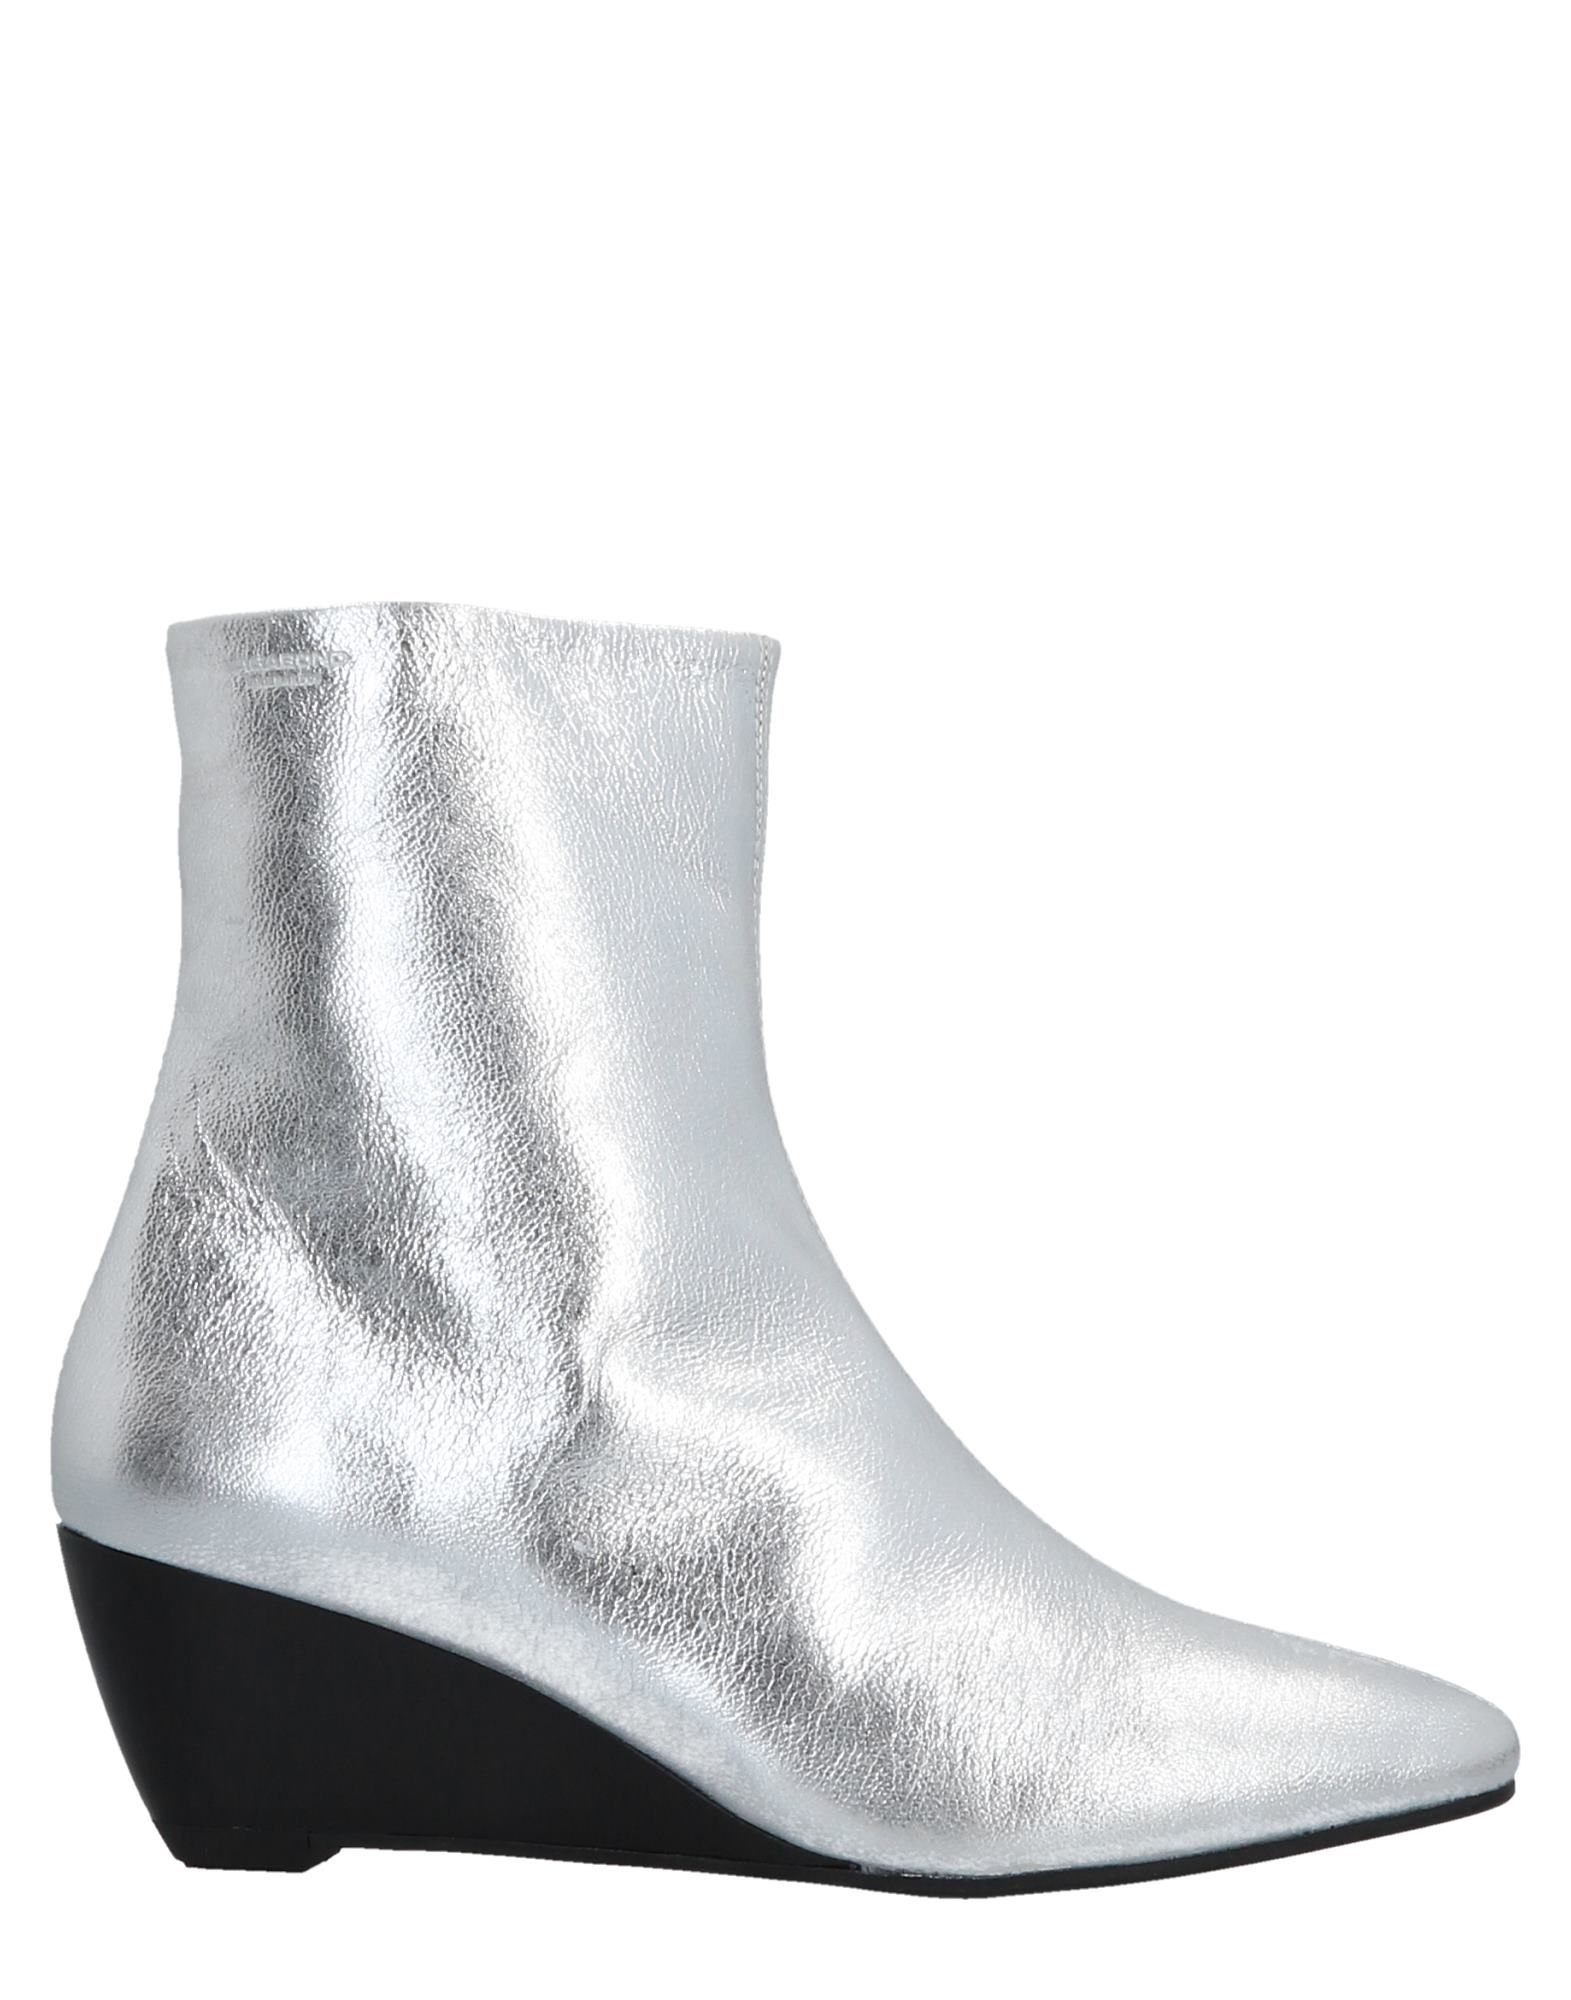 Stivaletti Vagabond Shoemakers Donna - 11512876GS